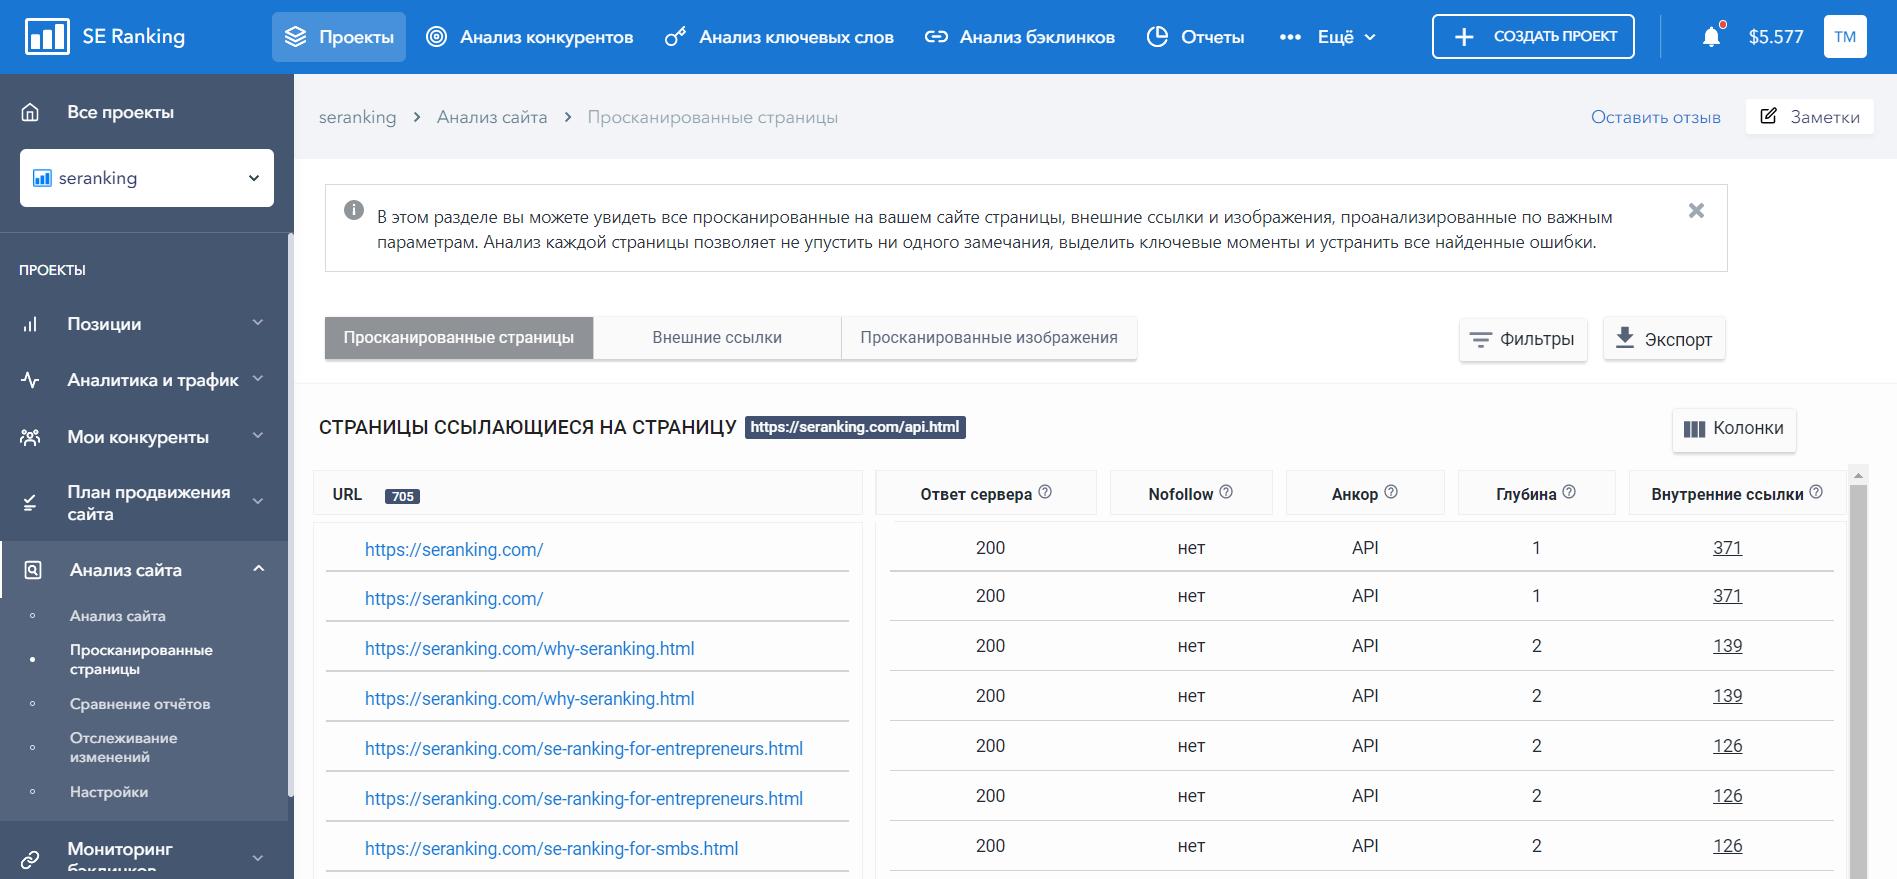 Список ссылок и их параметров